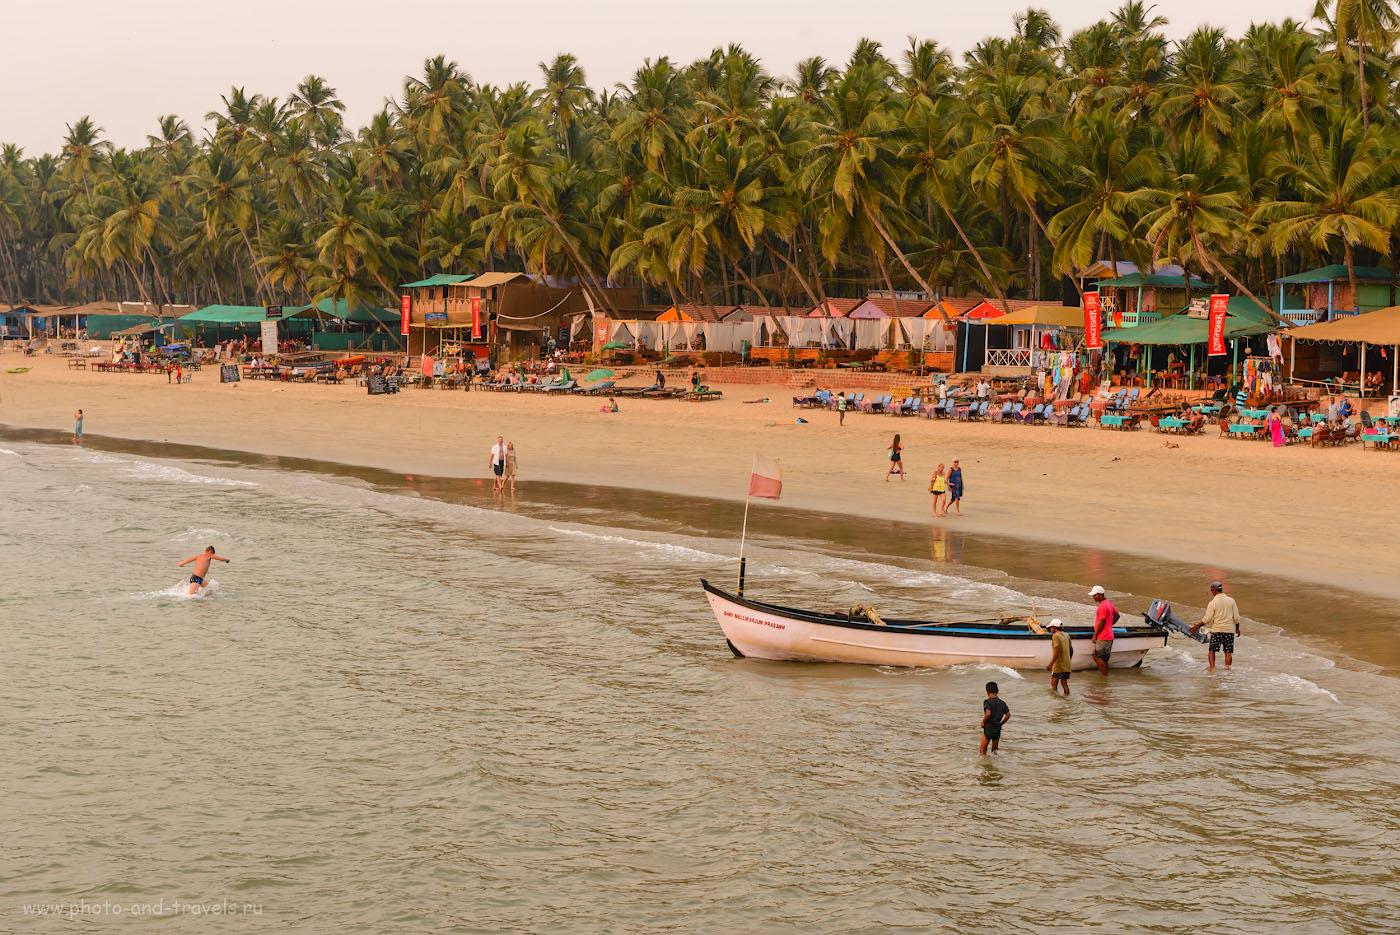 Фотография 29. Вечер на пляже Палолем в Южном Гоа. Отзывы об отдыхе в Индии. Камера Никон Д610 + Никон 24-70мм f/2.8. Настройки: 1/125, 0.33, 8.0, 500, 56.